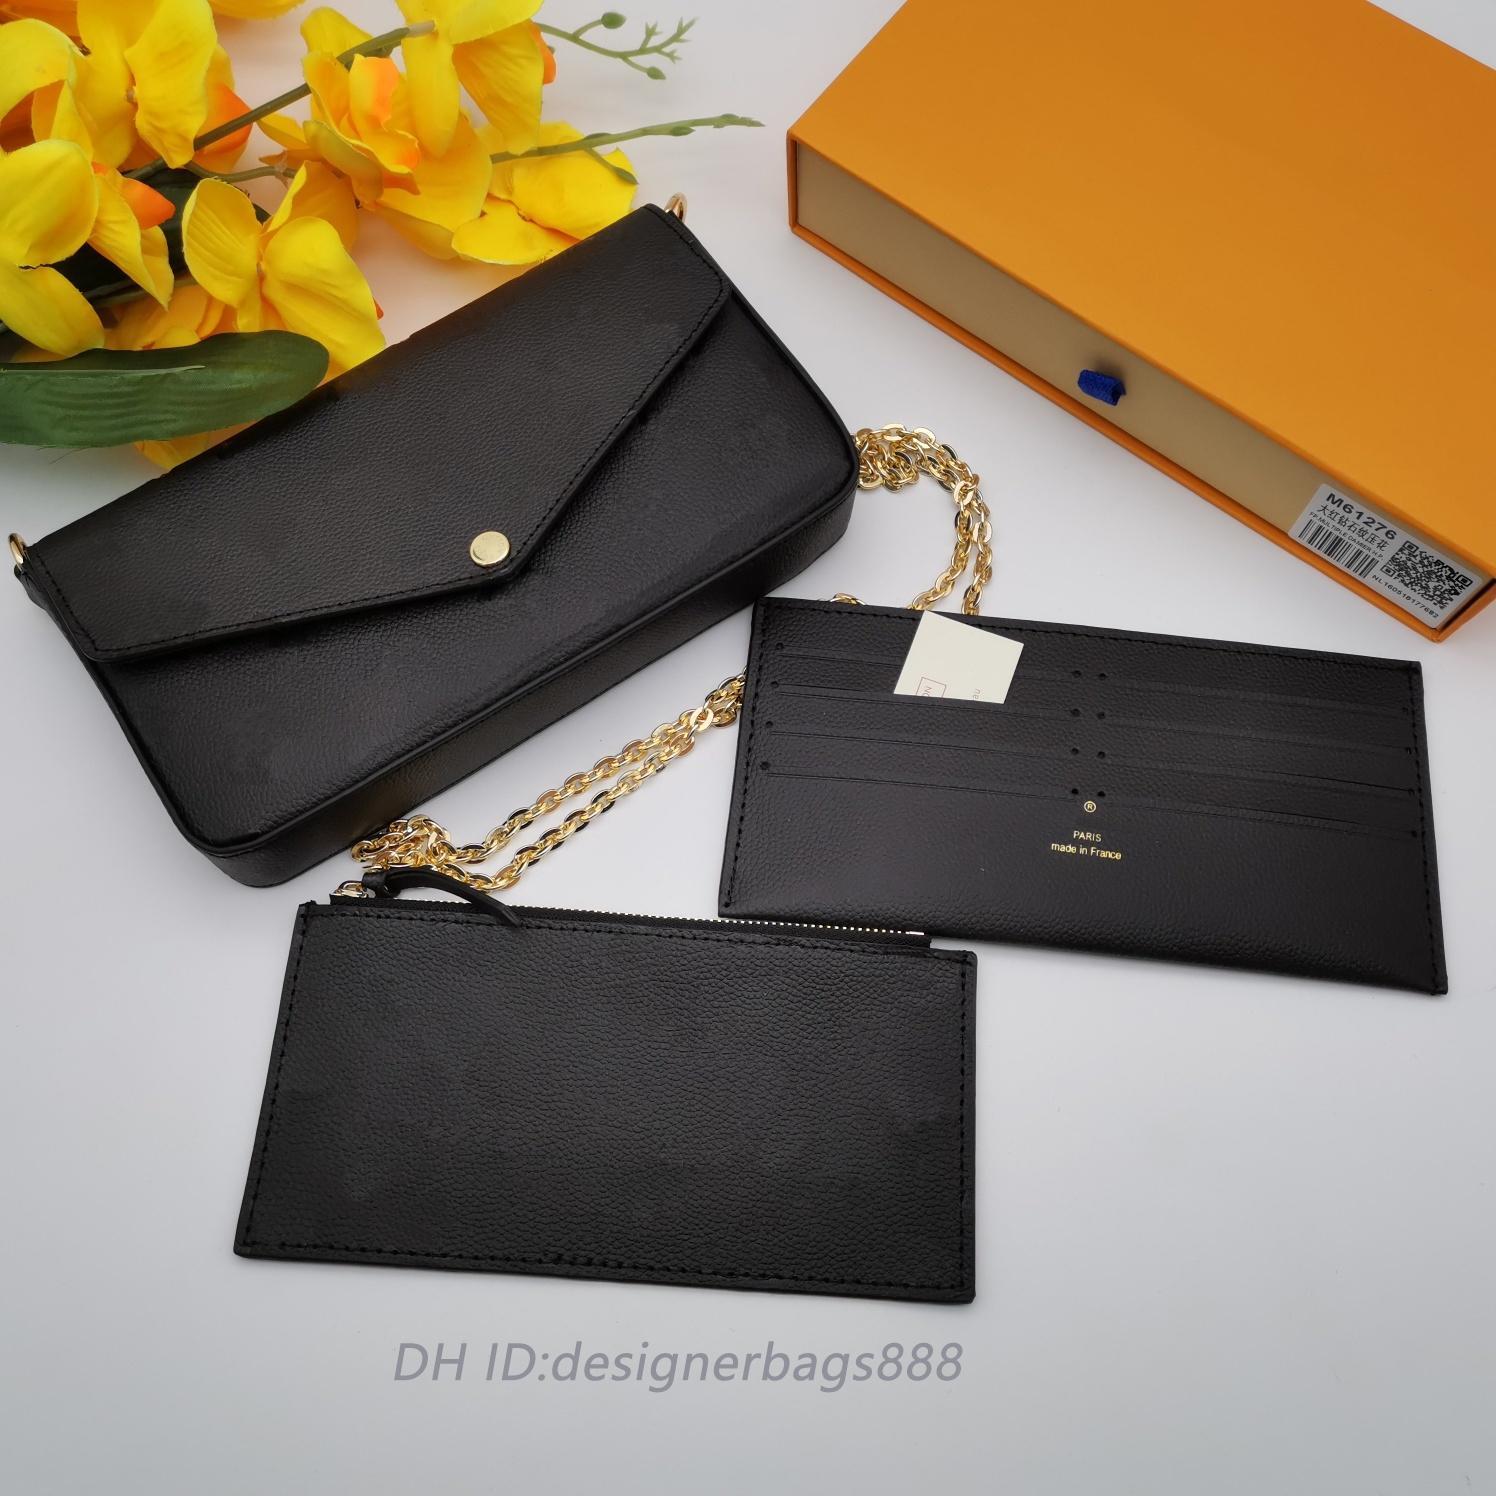 M61276 Pochette Felicie Femmes Luxurys Designers Sacs Sacs Cuir Femme Purse Card Portefeuille Portefeuille Sac à main Messenger Bandoulière Sac à bandoulière Totes Sac à dos